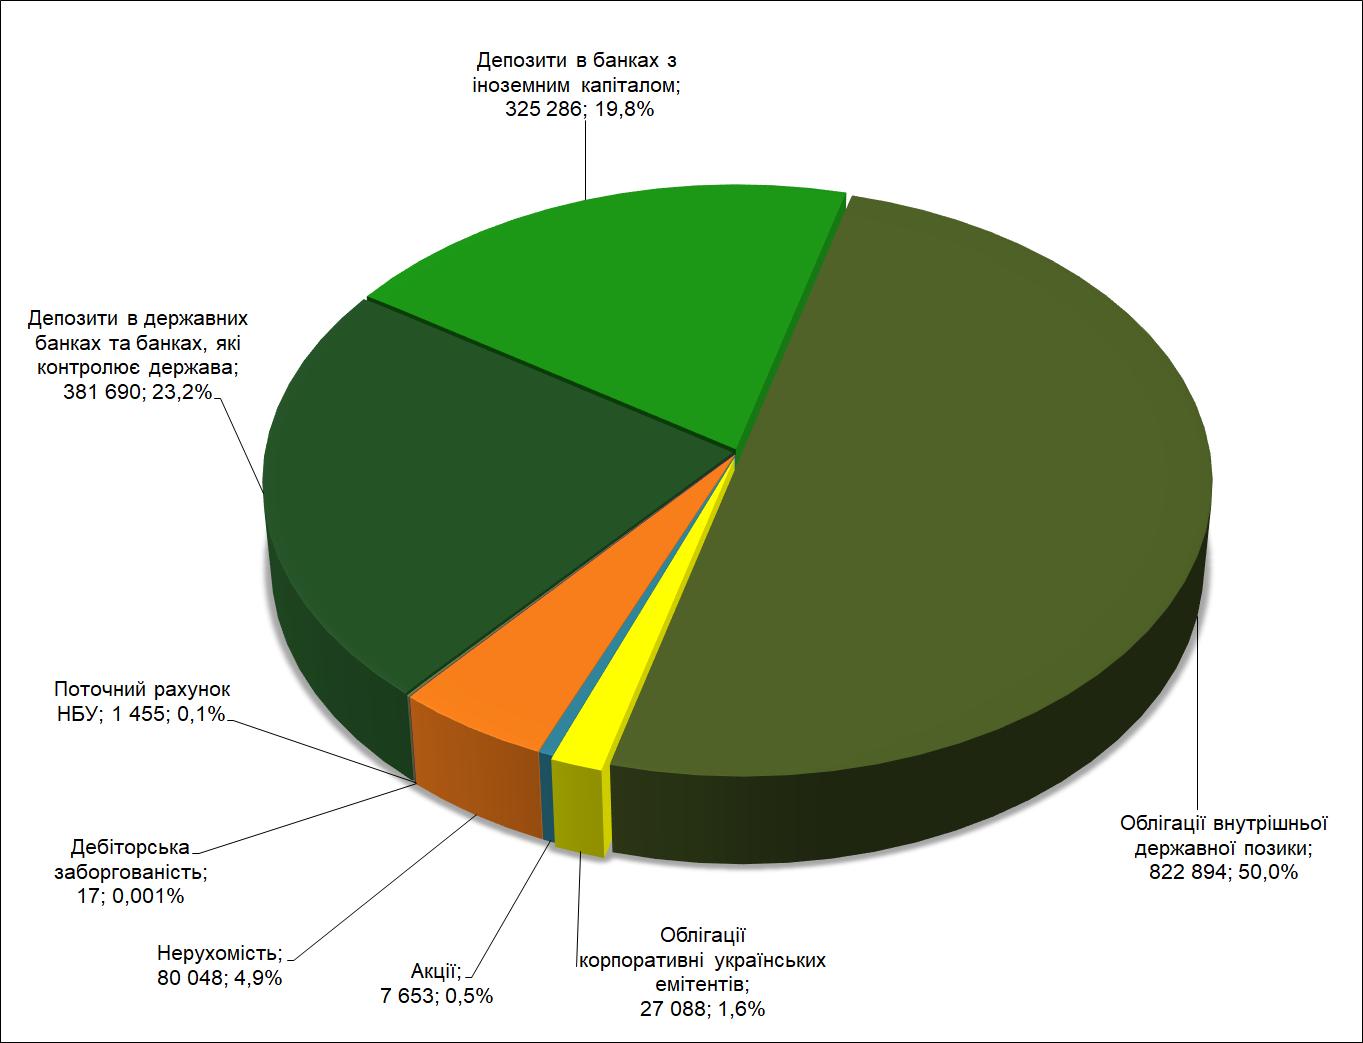 Структура активів